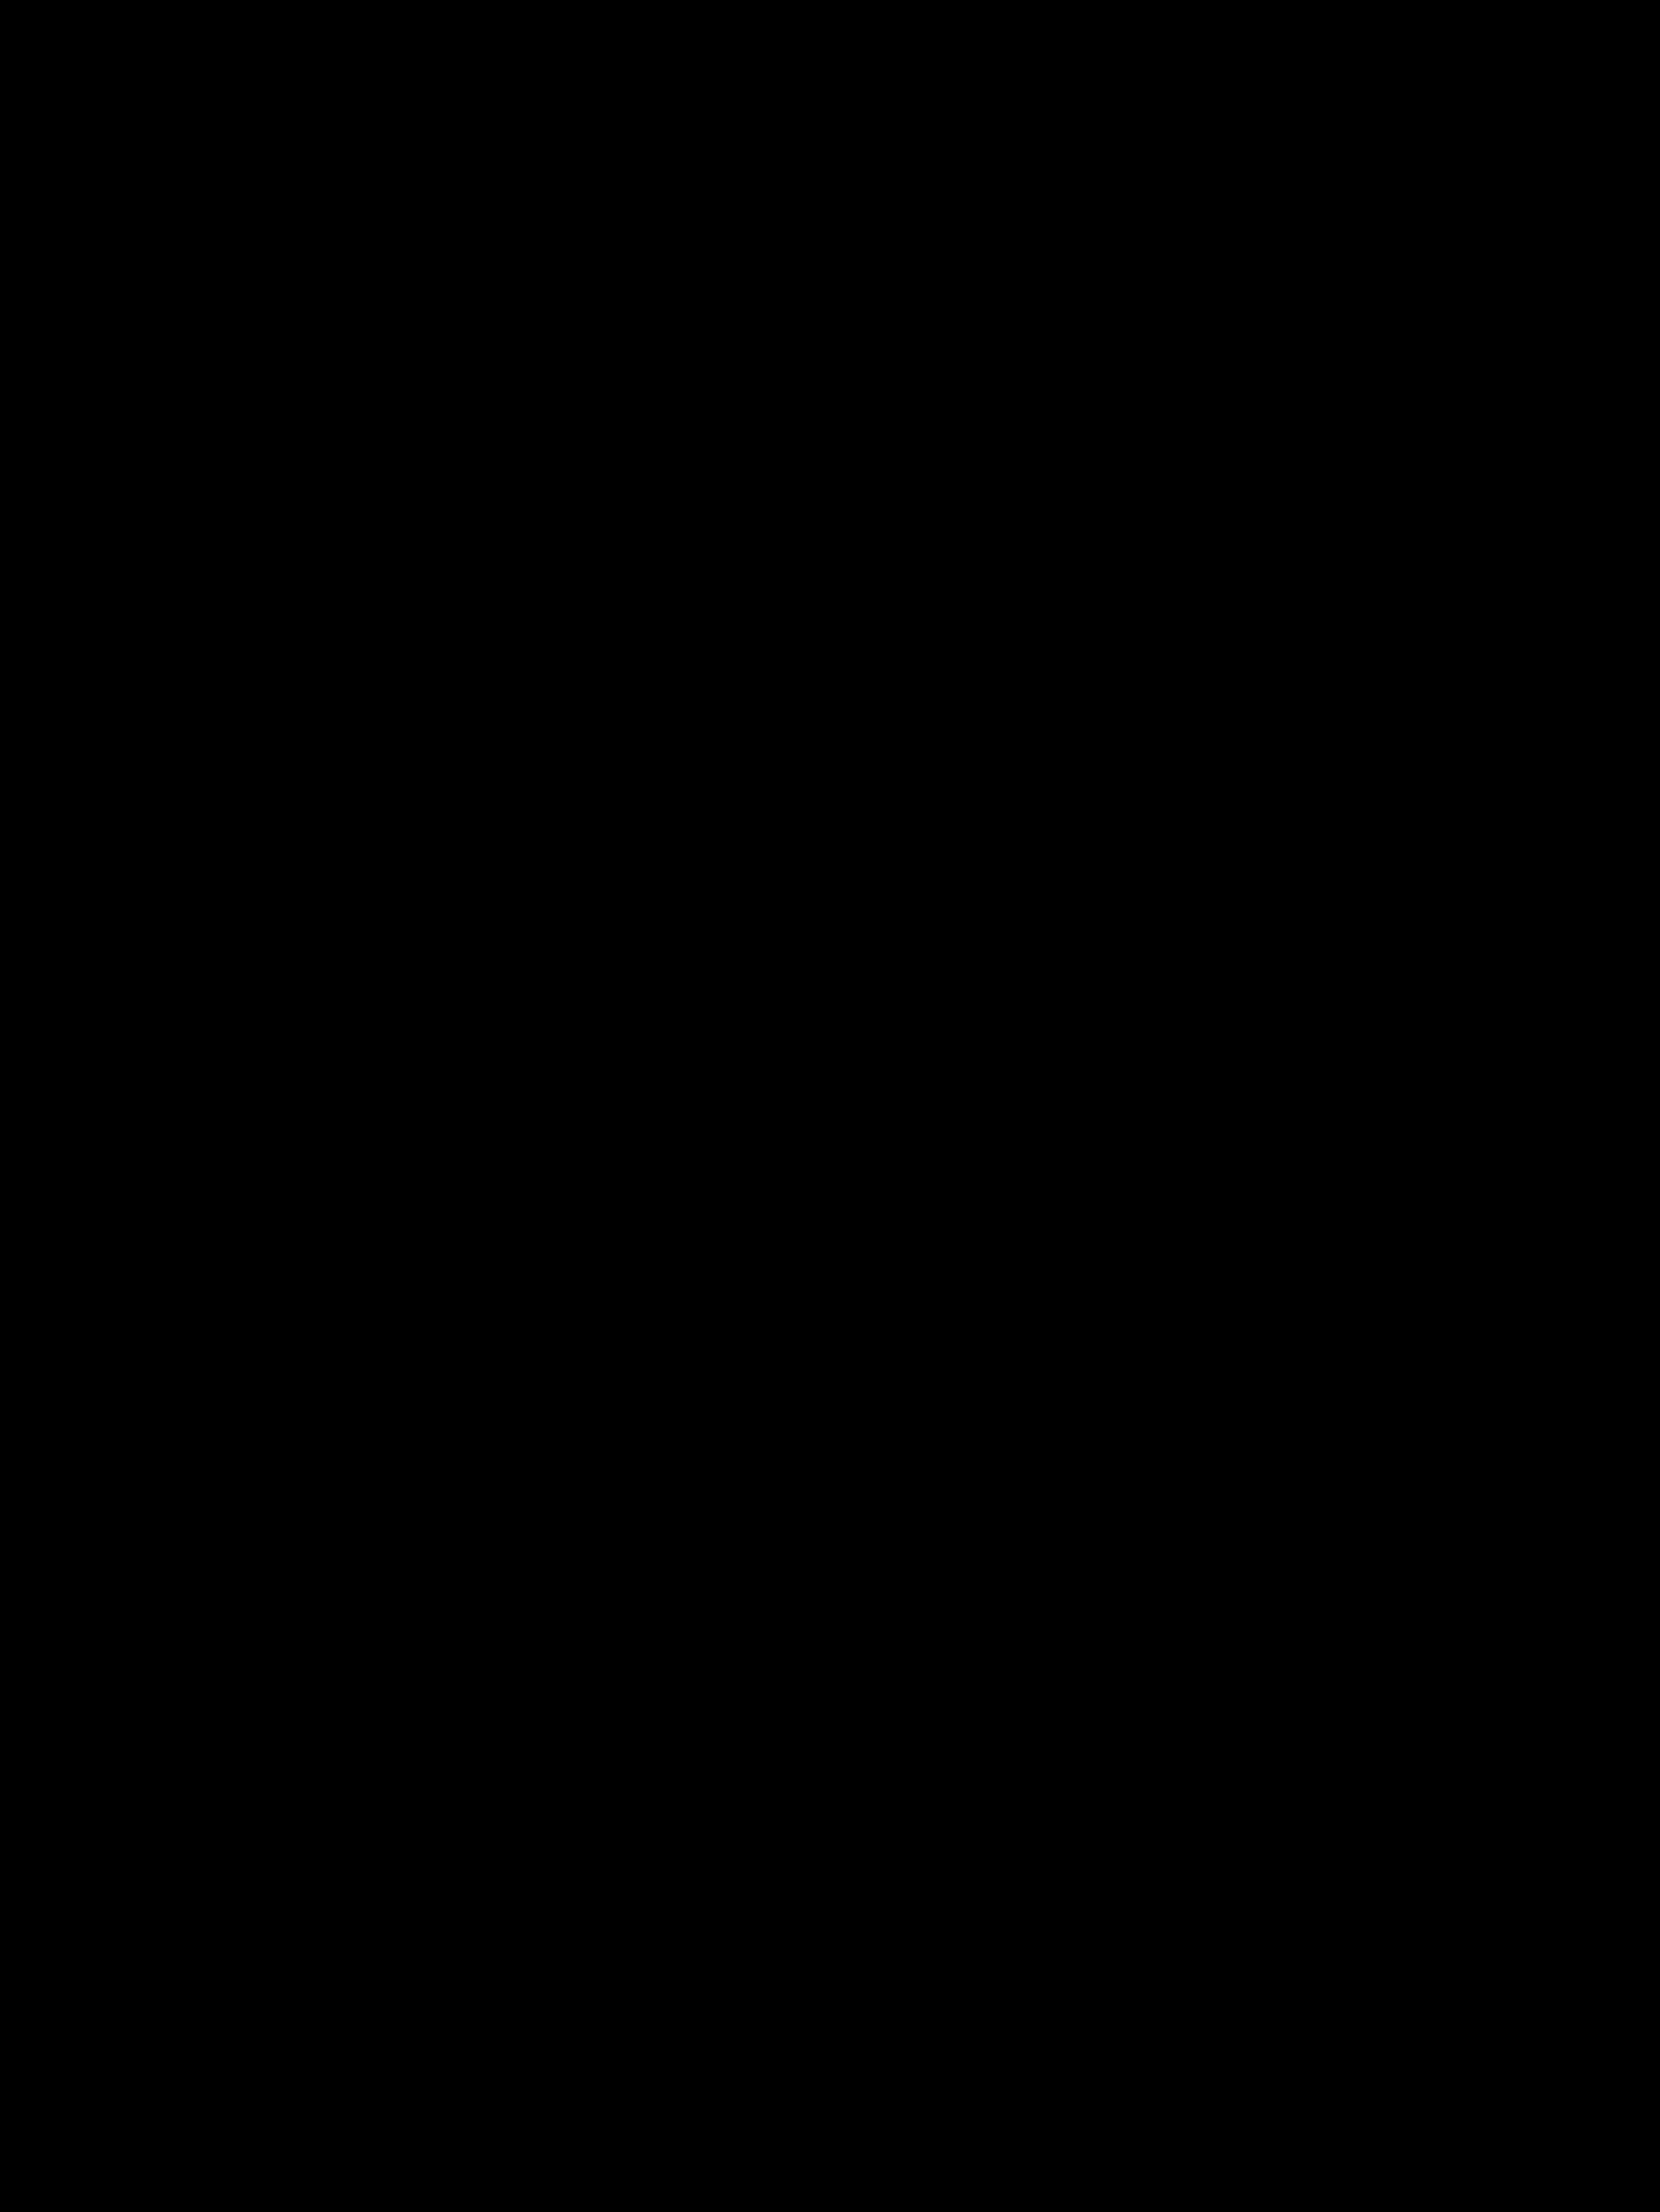 Loop arrow big image. Clipart arrows filigree